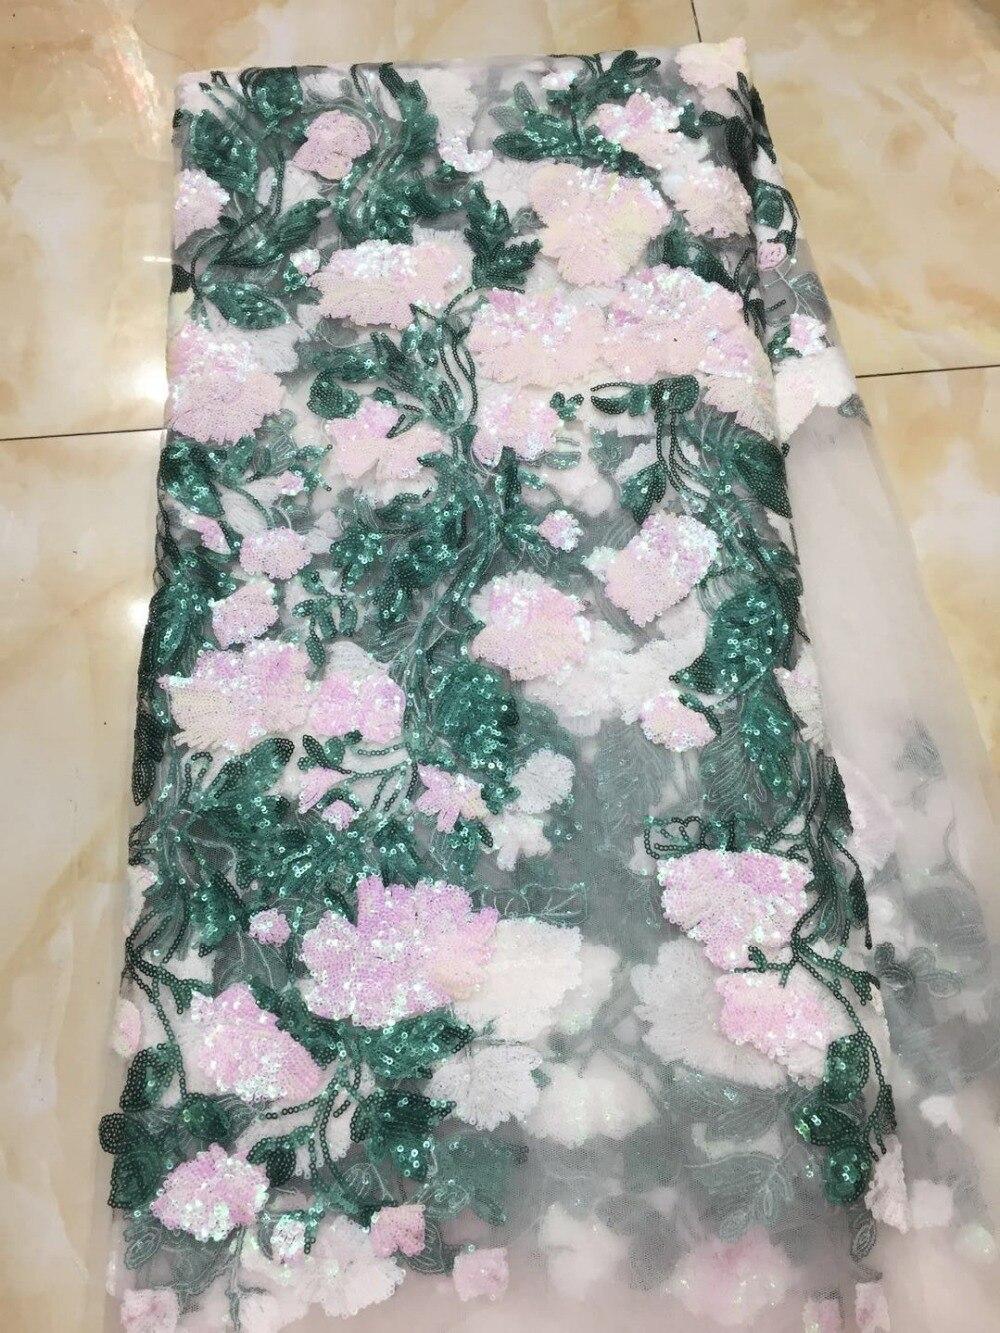 Unique gland conception africaine paillettes Net dentelle tissu haute qualité 2019 nigéria indien broderie Guipure maille or pailleté dentelle-in Dentelle from Maison & Animalerie    1